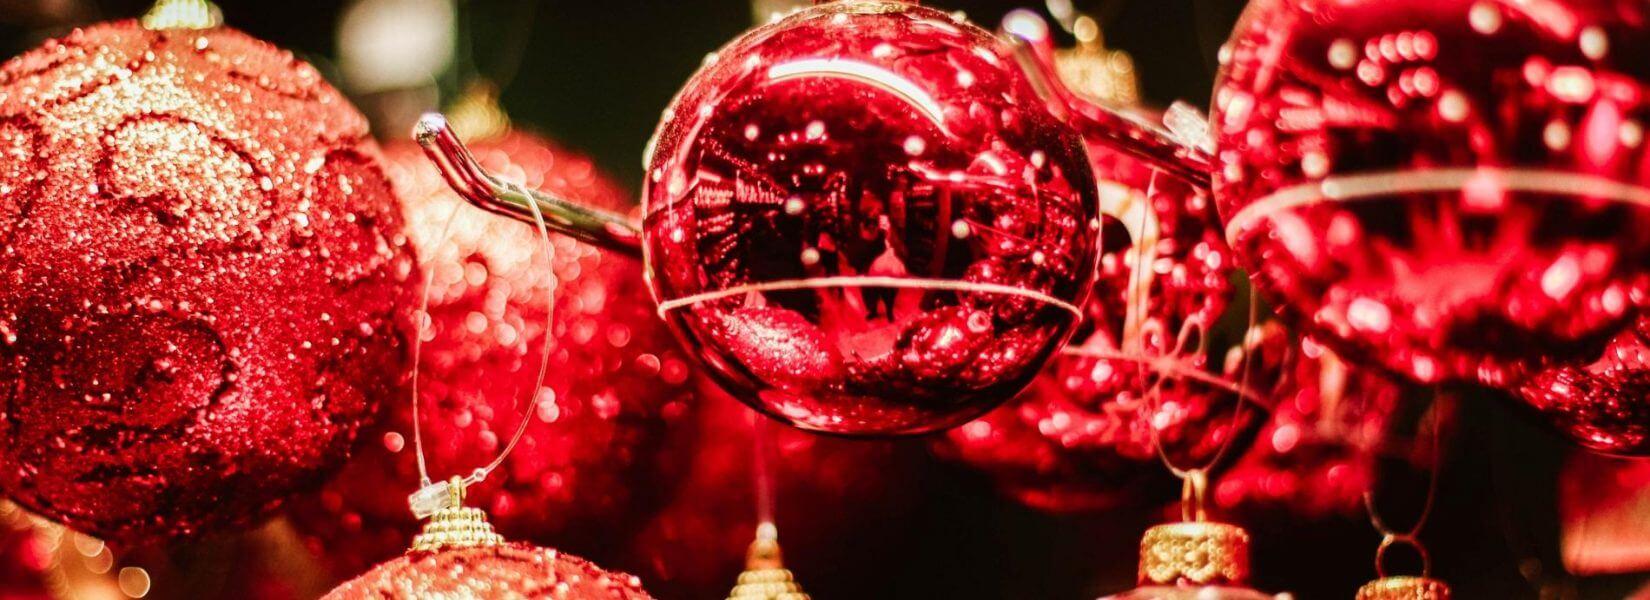 Μπορεί ο χριστουγεννιάτικος στολισμός να μας κάνει πιο χαρούμενους;